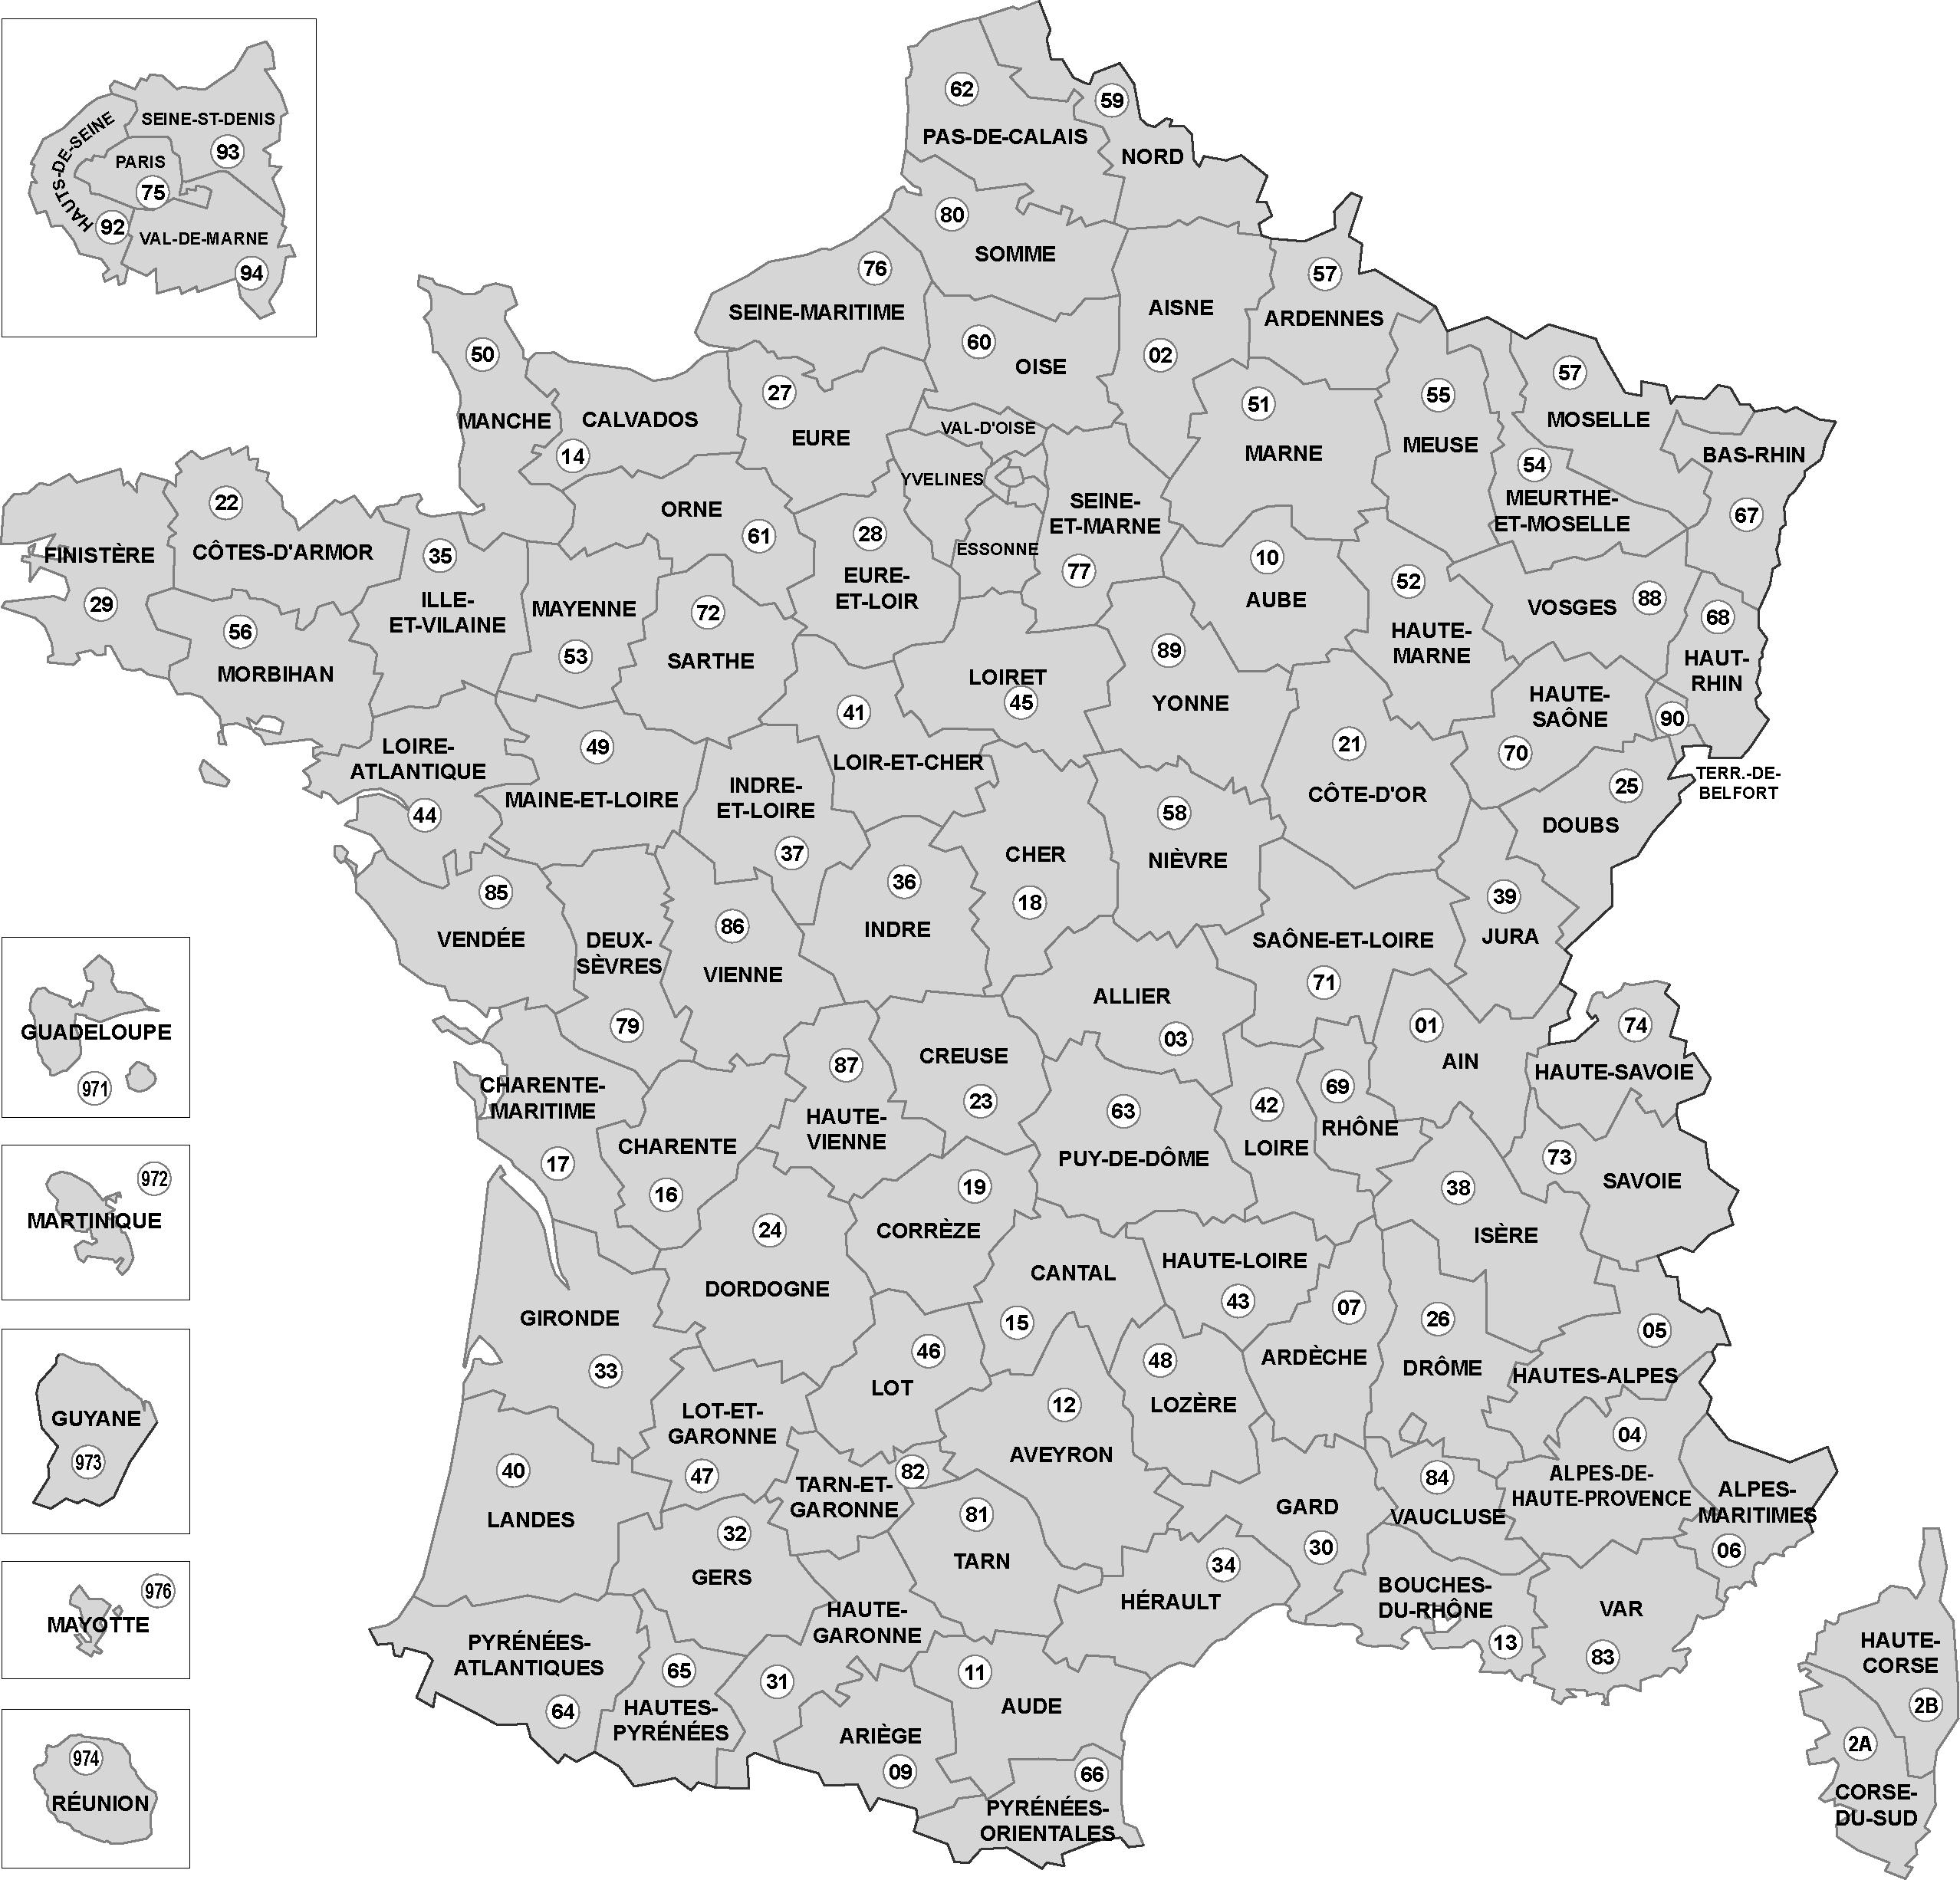 Cartes De France, Cartes Et Rmations Des Régions tout Liste De Departement De France